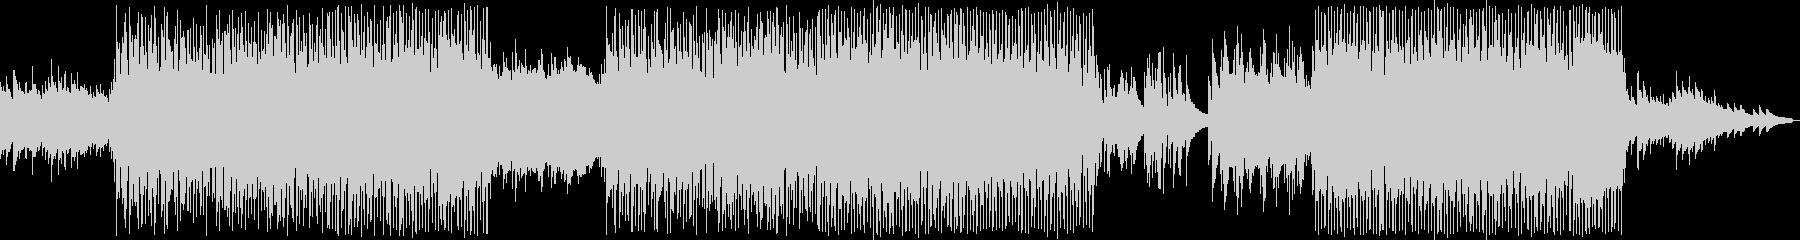 琴のメロディと優しいエレピの和風ポップの未再生の波形